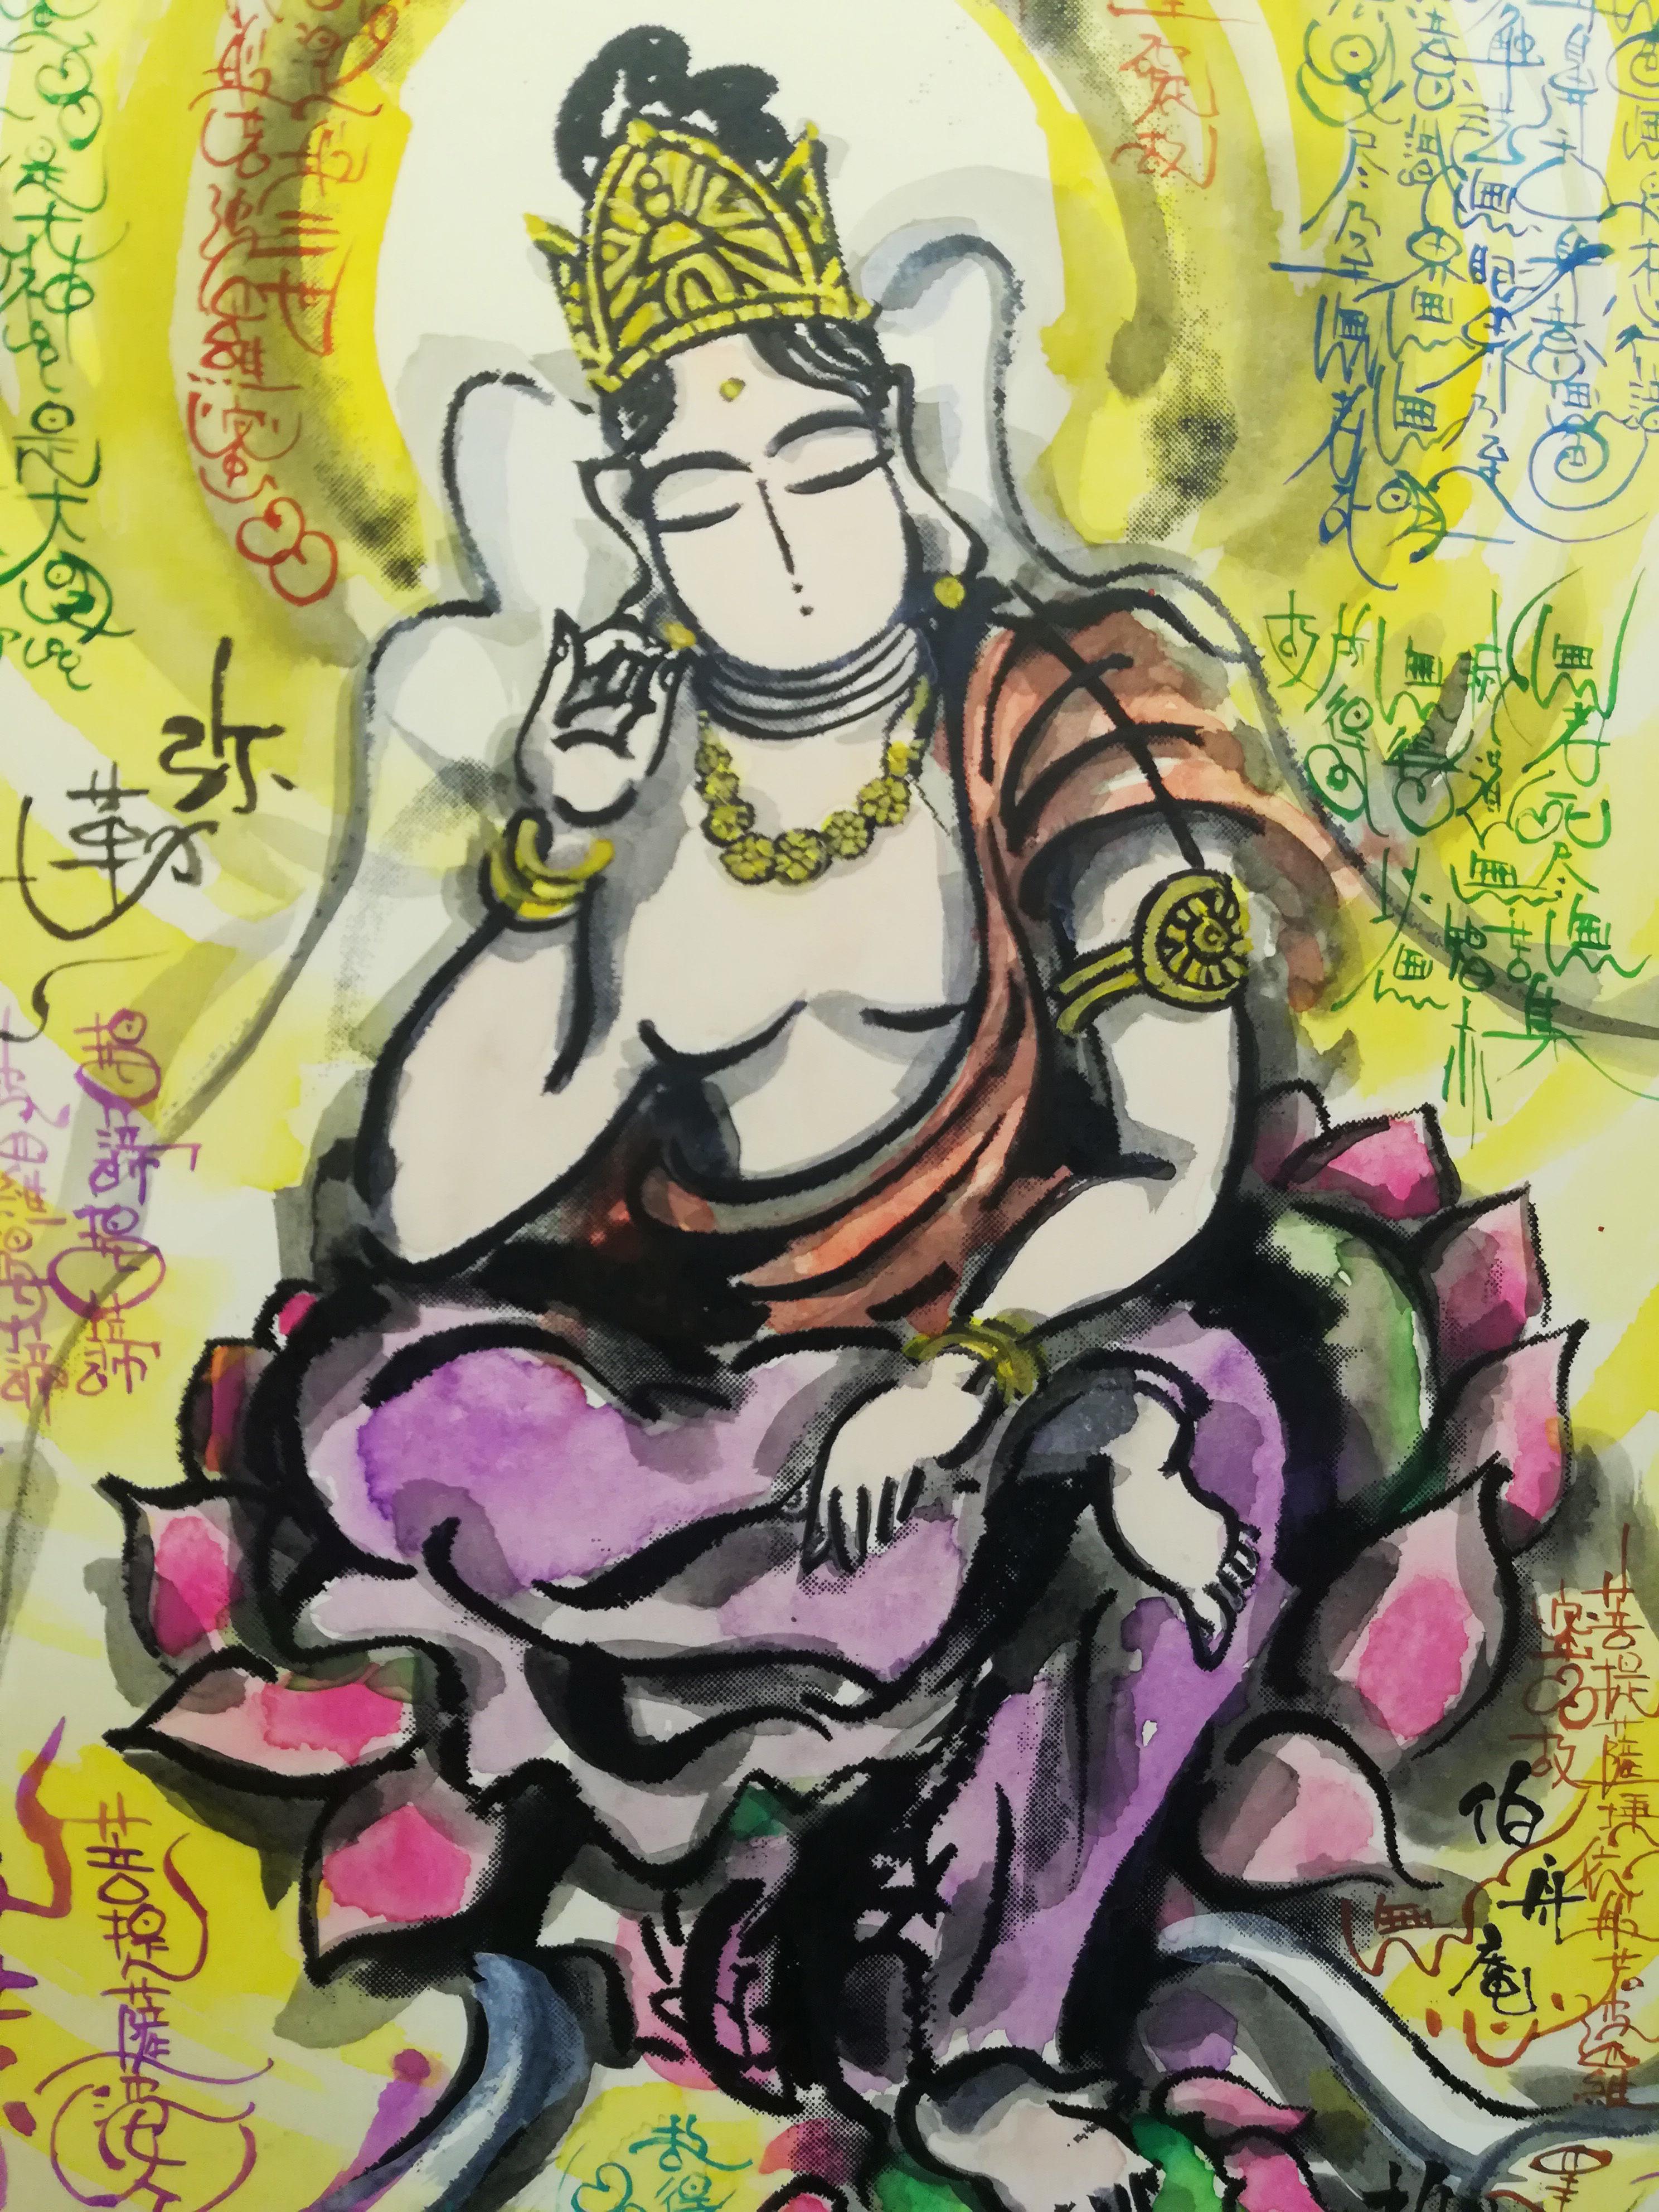 ベスト 弥勒 菩薩 イラスト 最高の写真の壁紙のコレクション